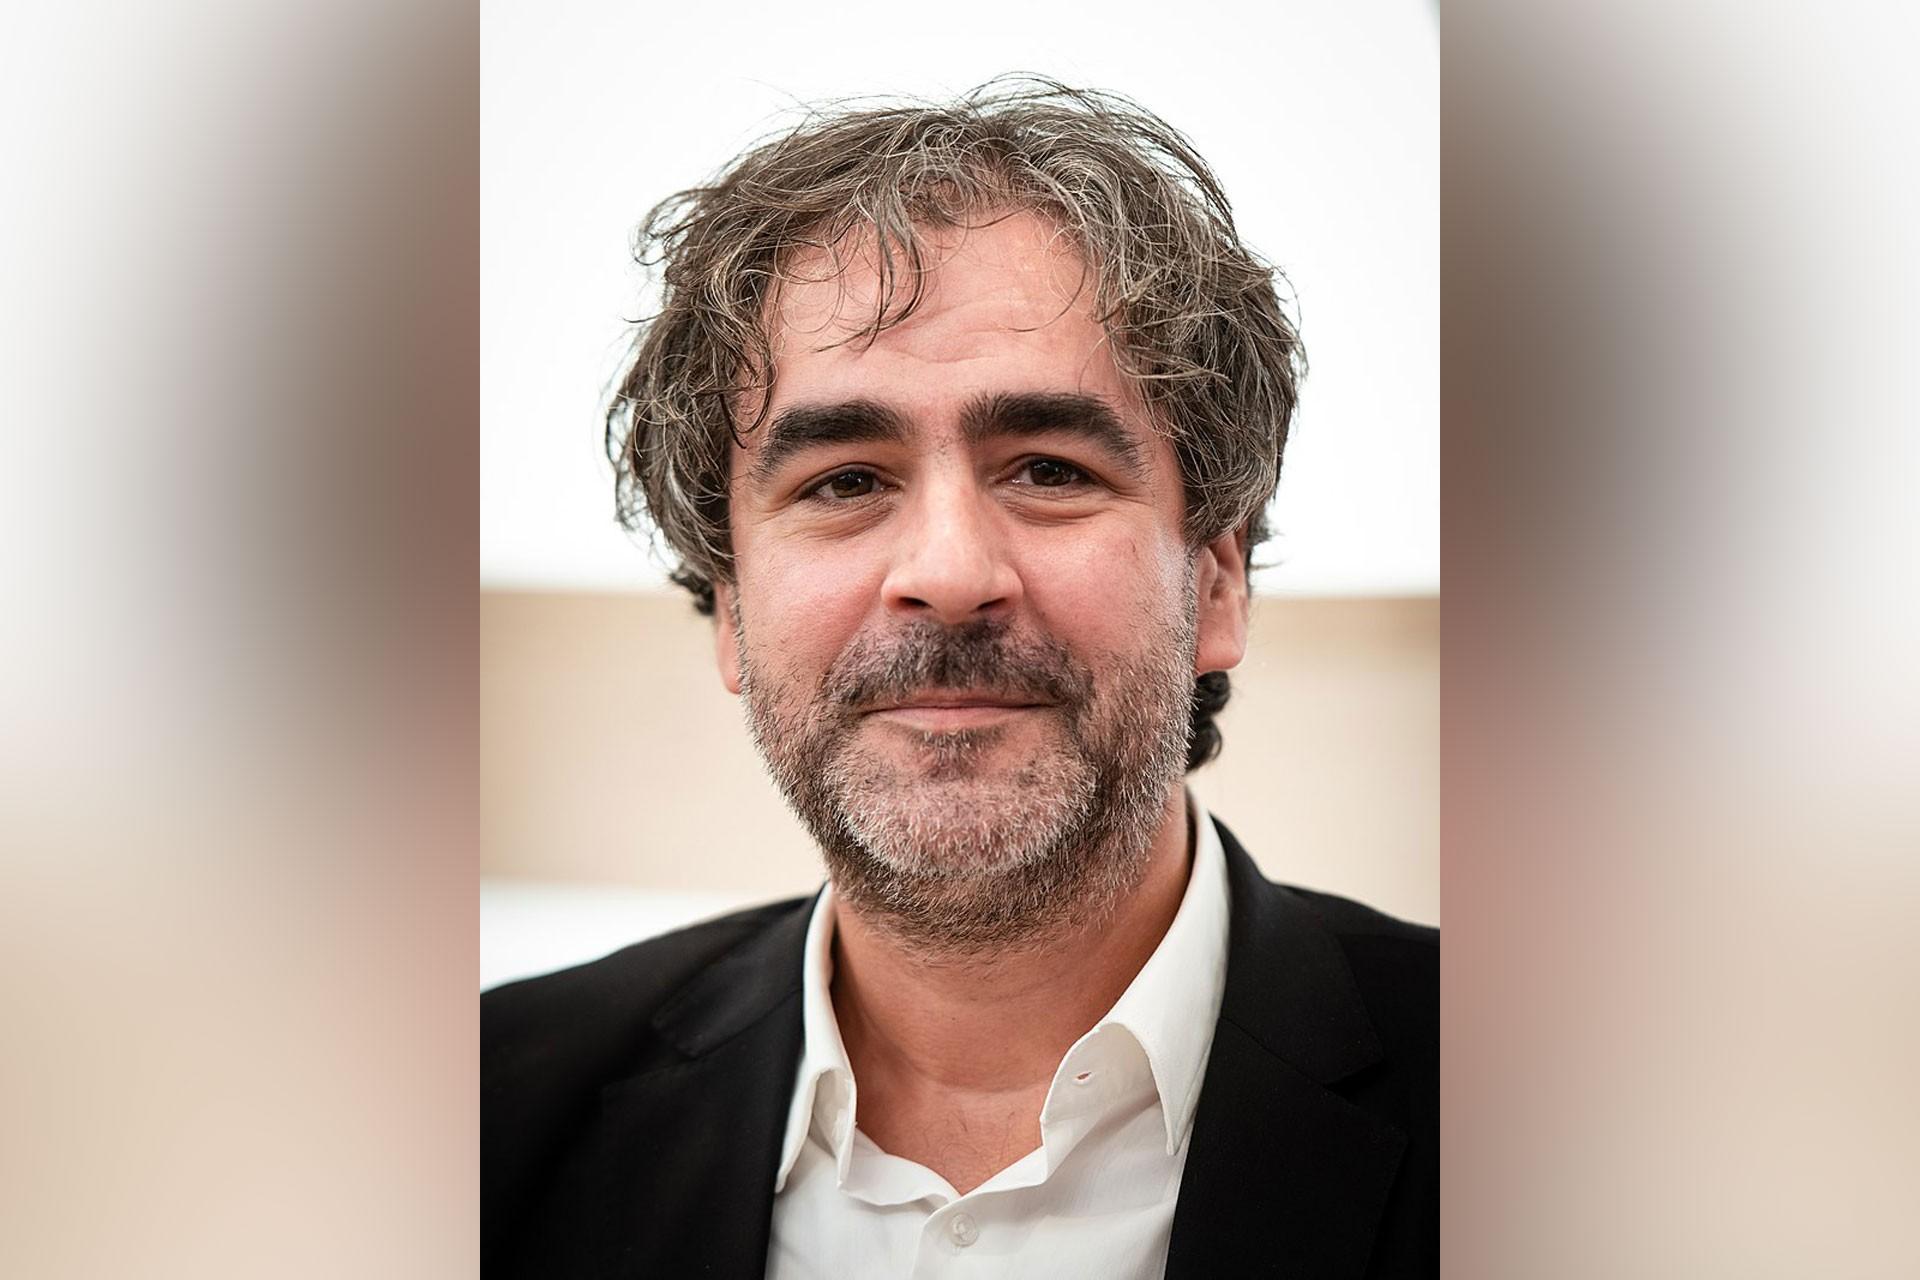 Gazeteci Deniz Yücel'in davası 13 Şubat'a ertelendi